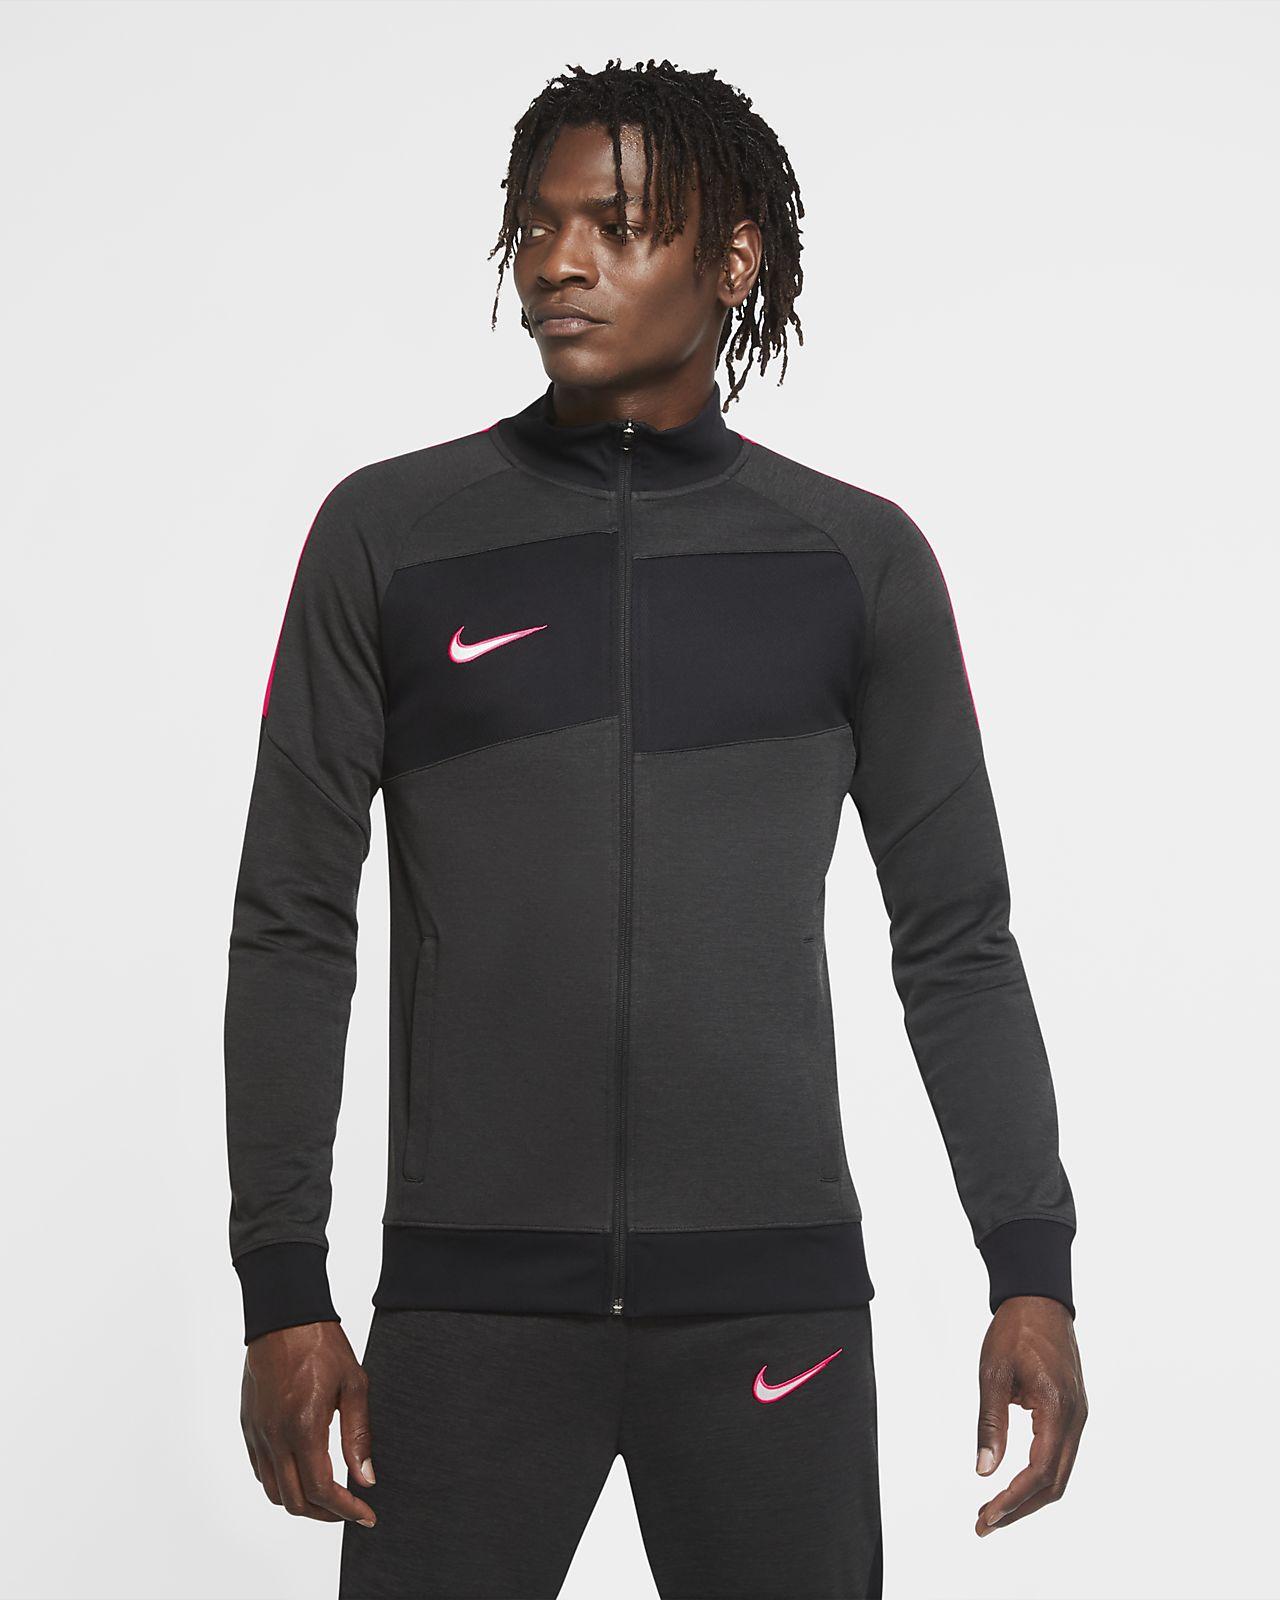 Nike Dri-FIT Academy kötött futball-melegítőfelső férfiaknak